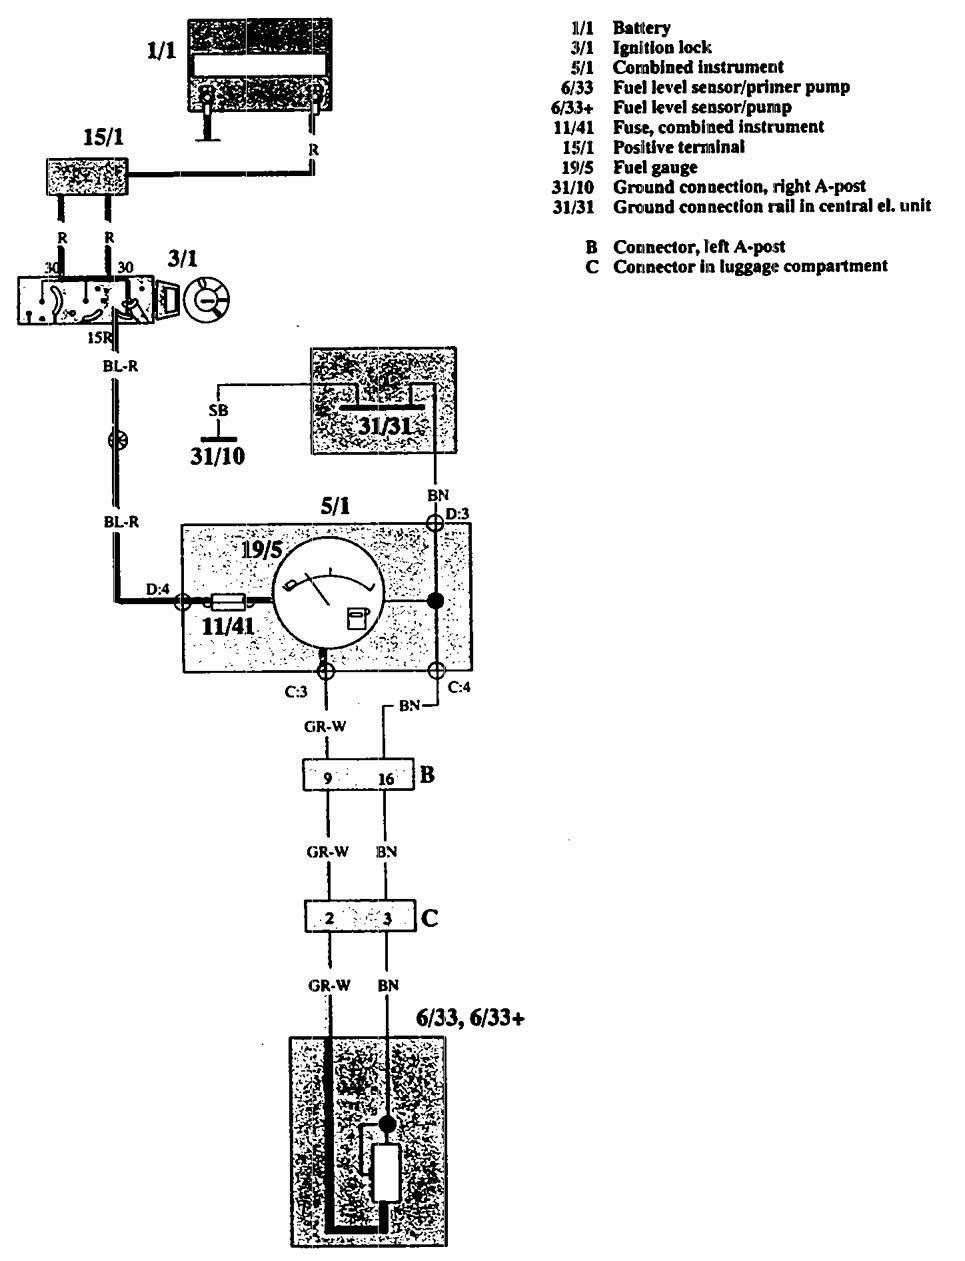 50 Luxury Cummins isx Starter Wiring Diagram